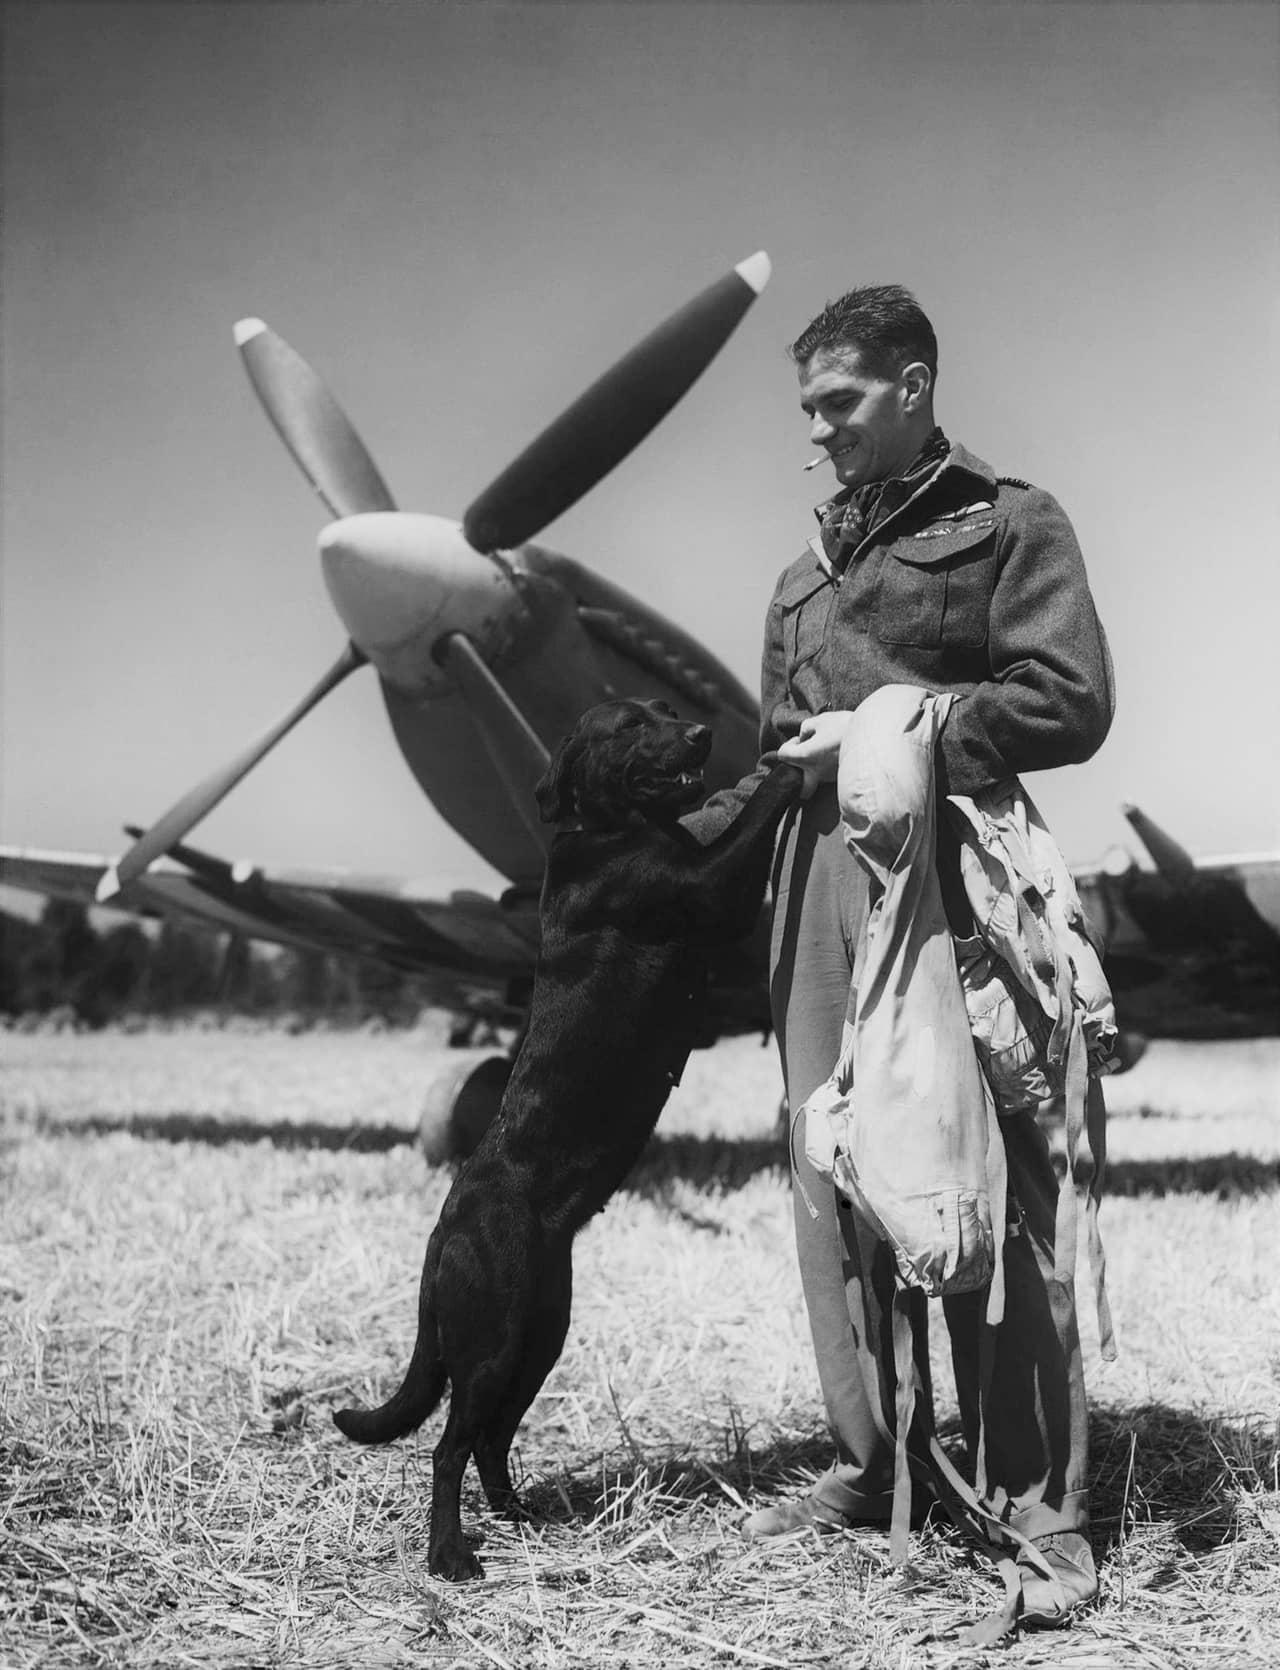 スーパーマリン・スピットファイア(グリフォン搭載型)×ジェームズ・エドガー・ジョンソン~ジョンブル魂を象徴する名戦闘機